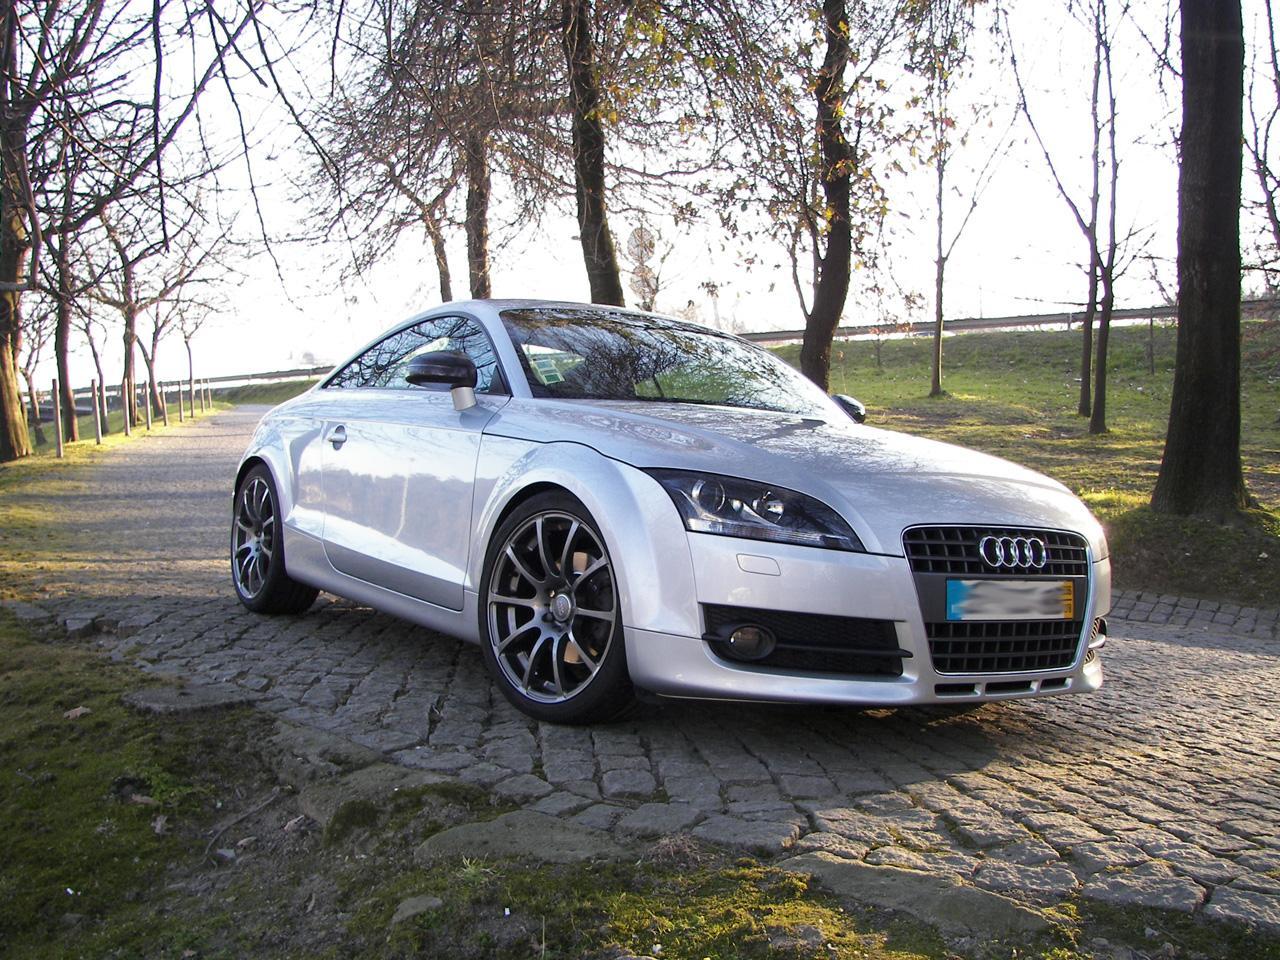 Audi-TTS-MK2-8J-2